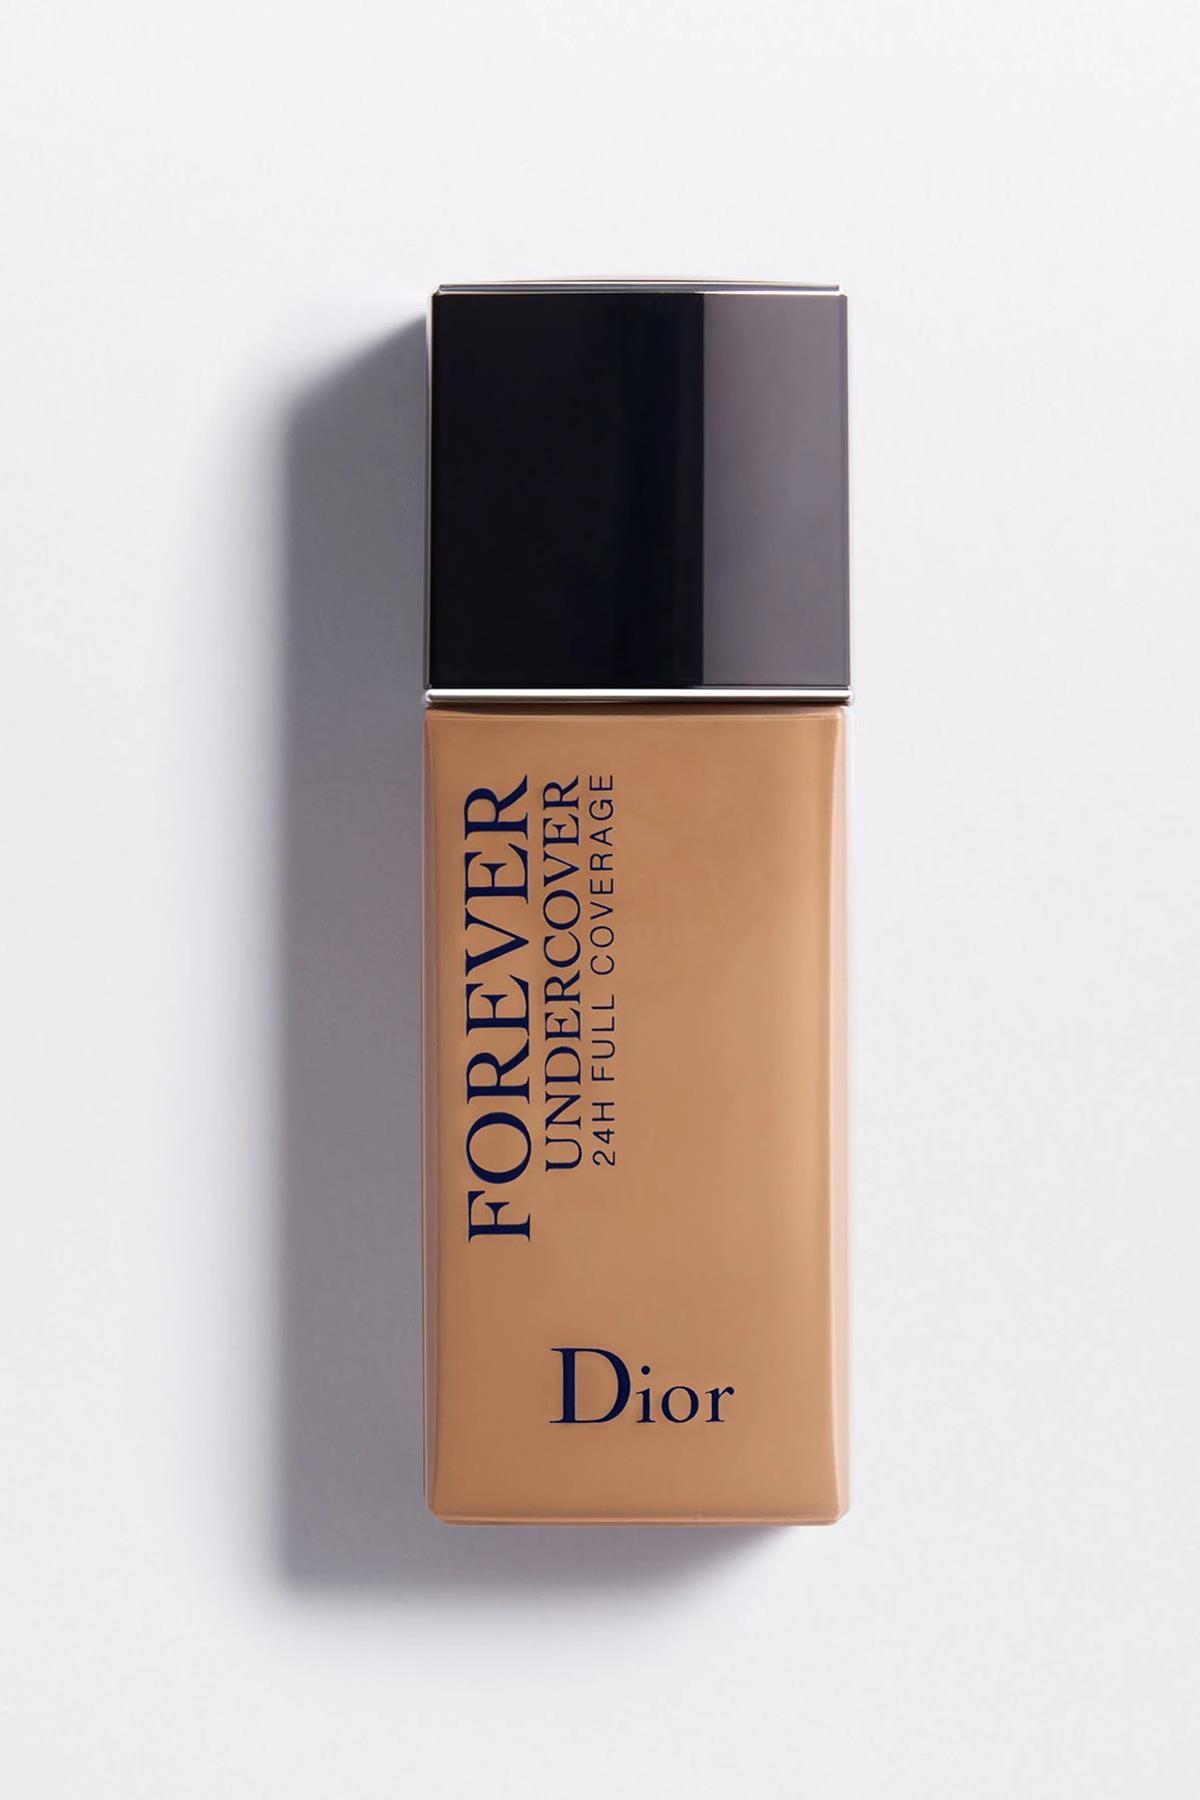 Dior Diorskin Forever Undercover Fondöten 045 Hazel Beige